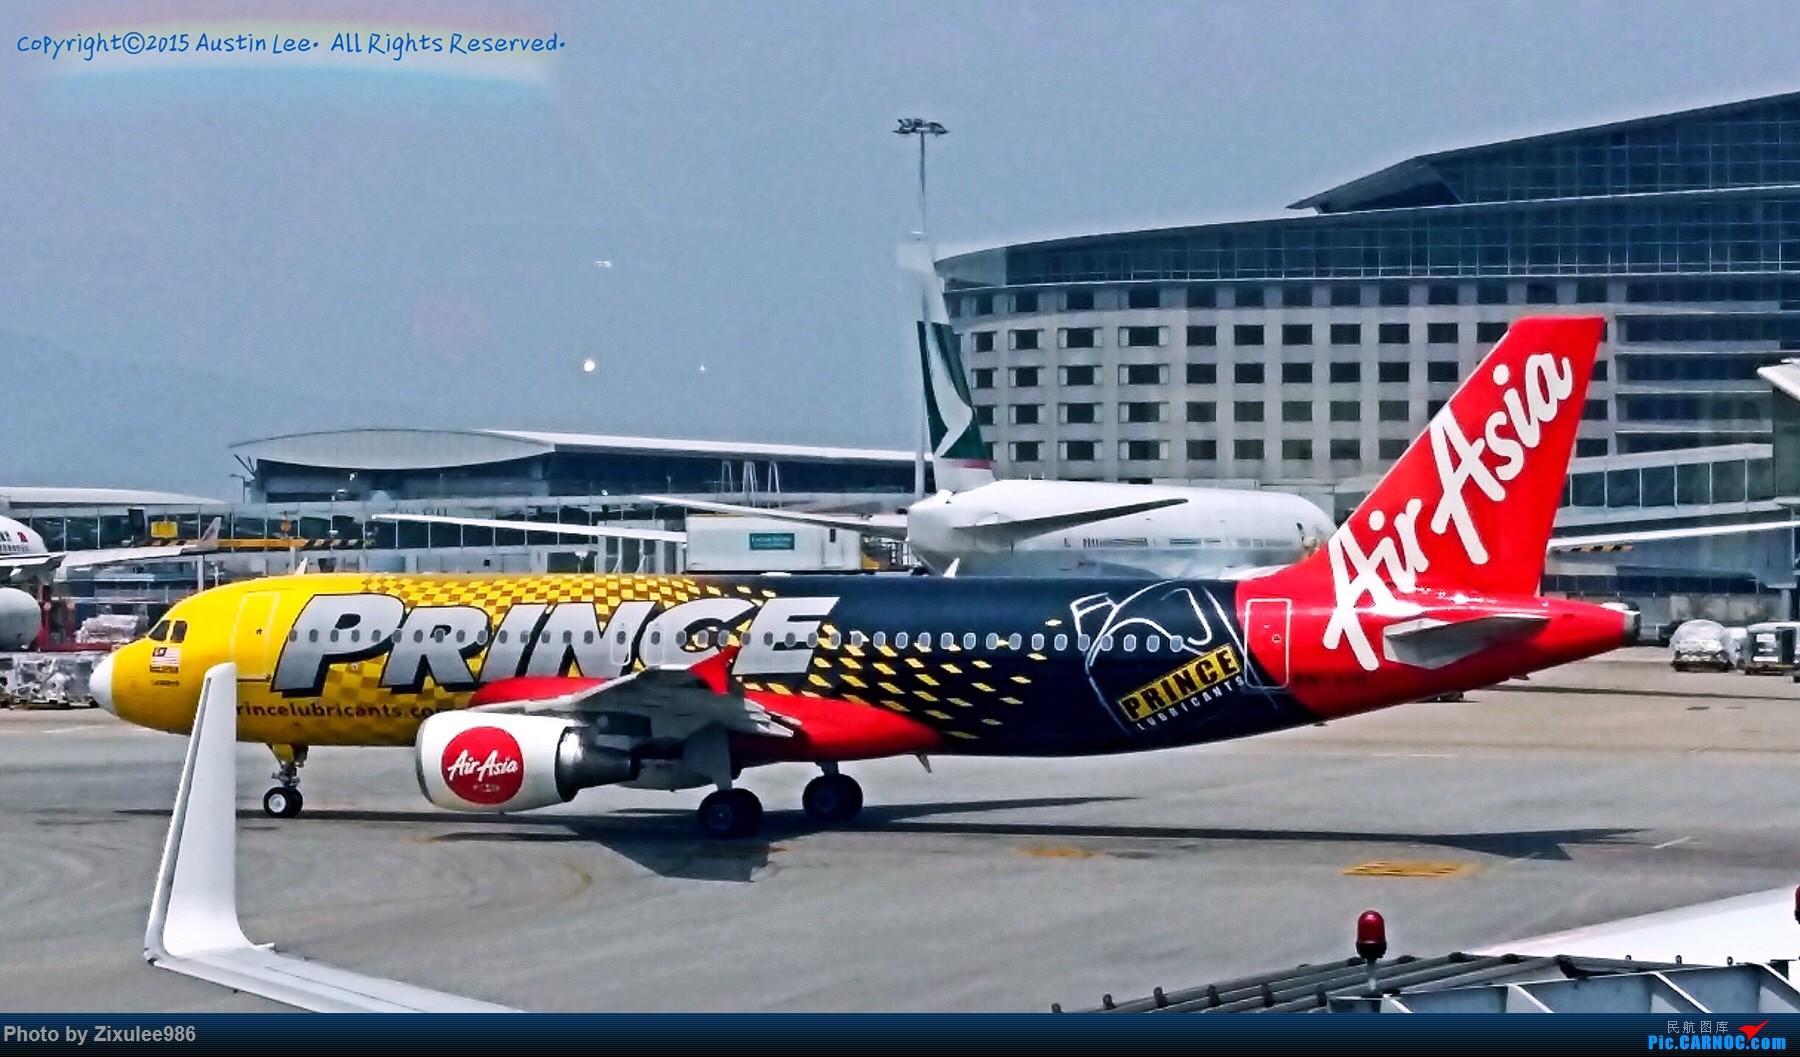 Re:[原创]三年旅途的随拍精选~持续不定时update AIRBUS A320-216 9M-AHL 中国香港国际机场